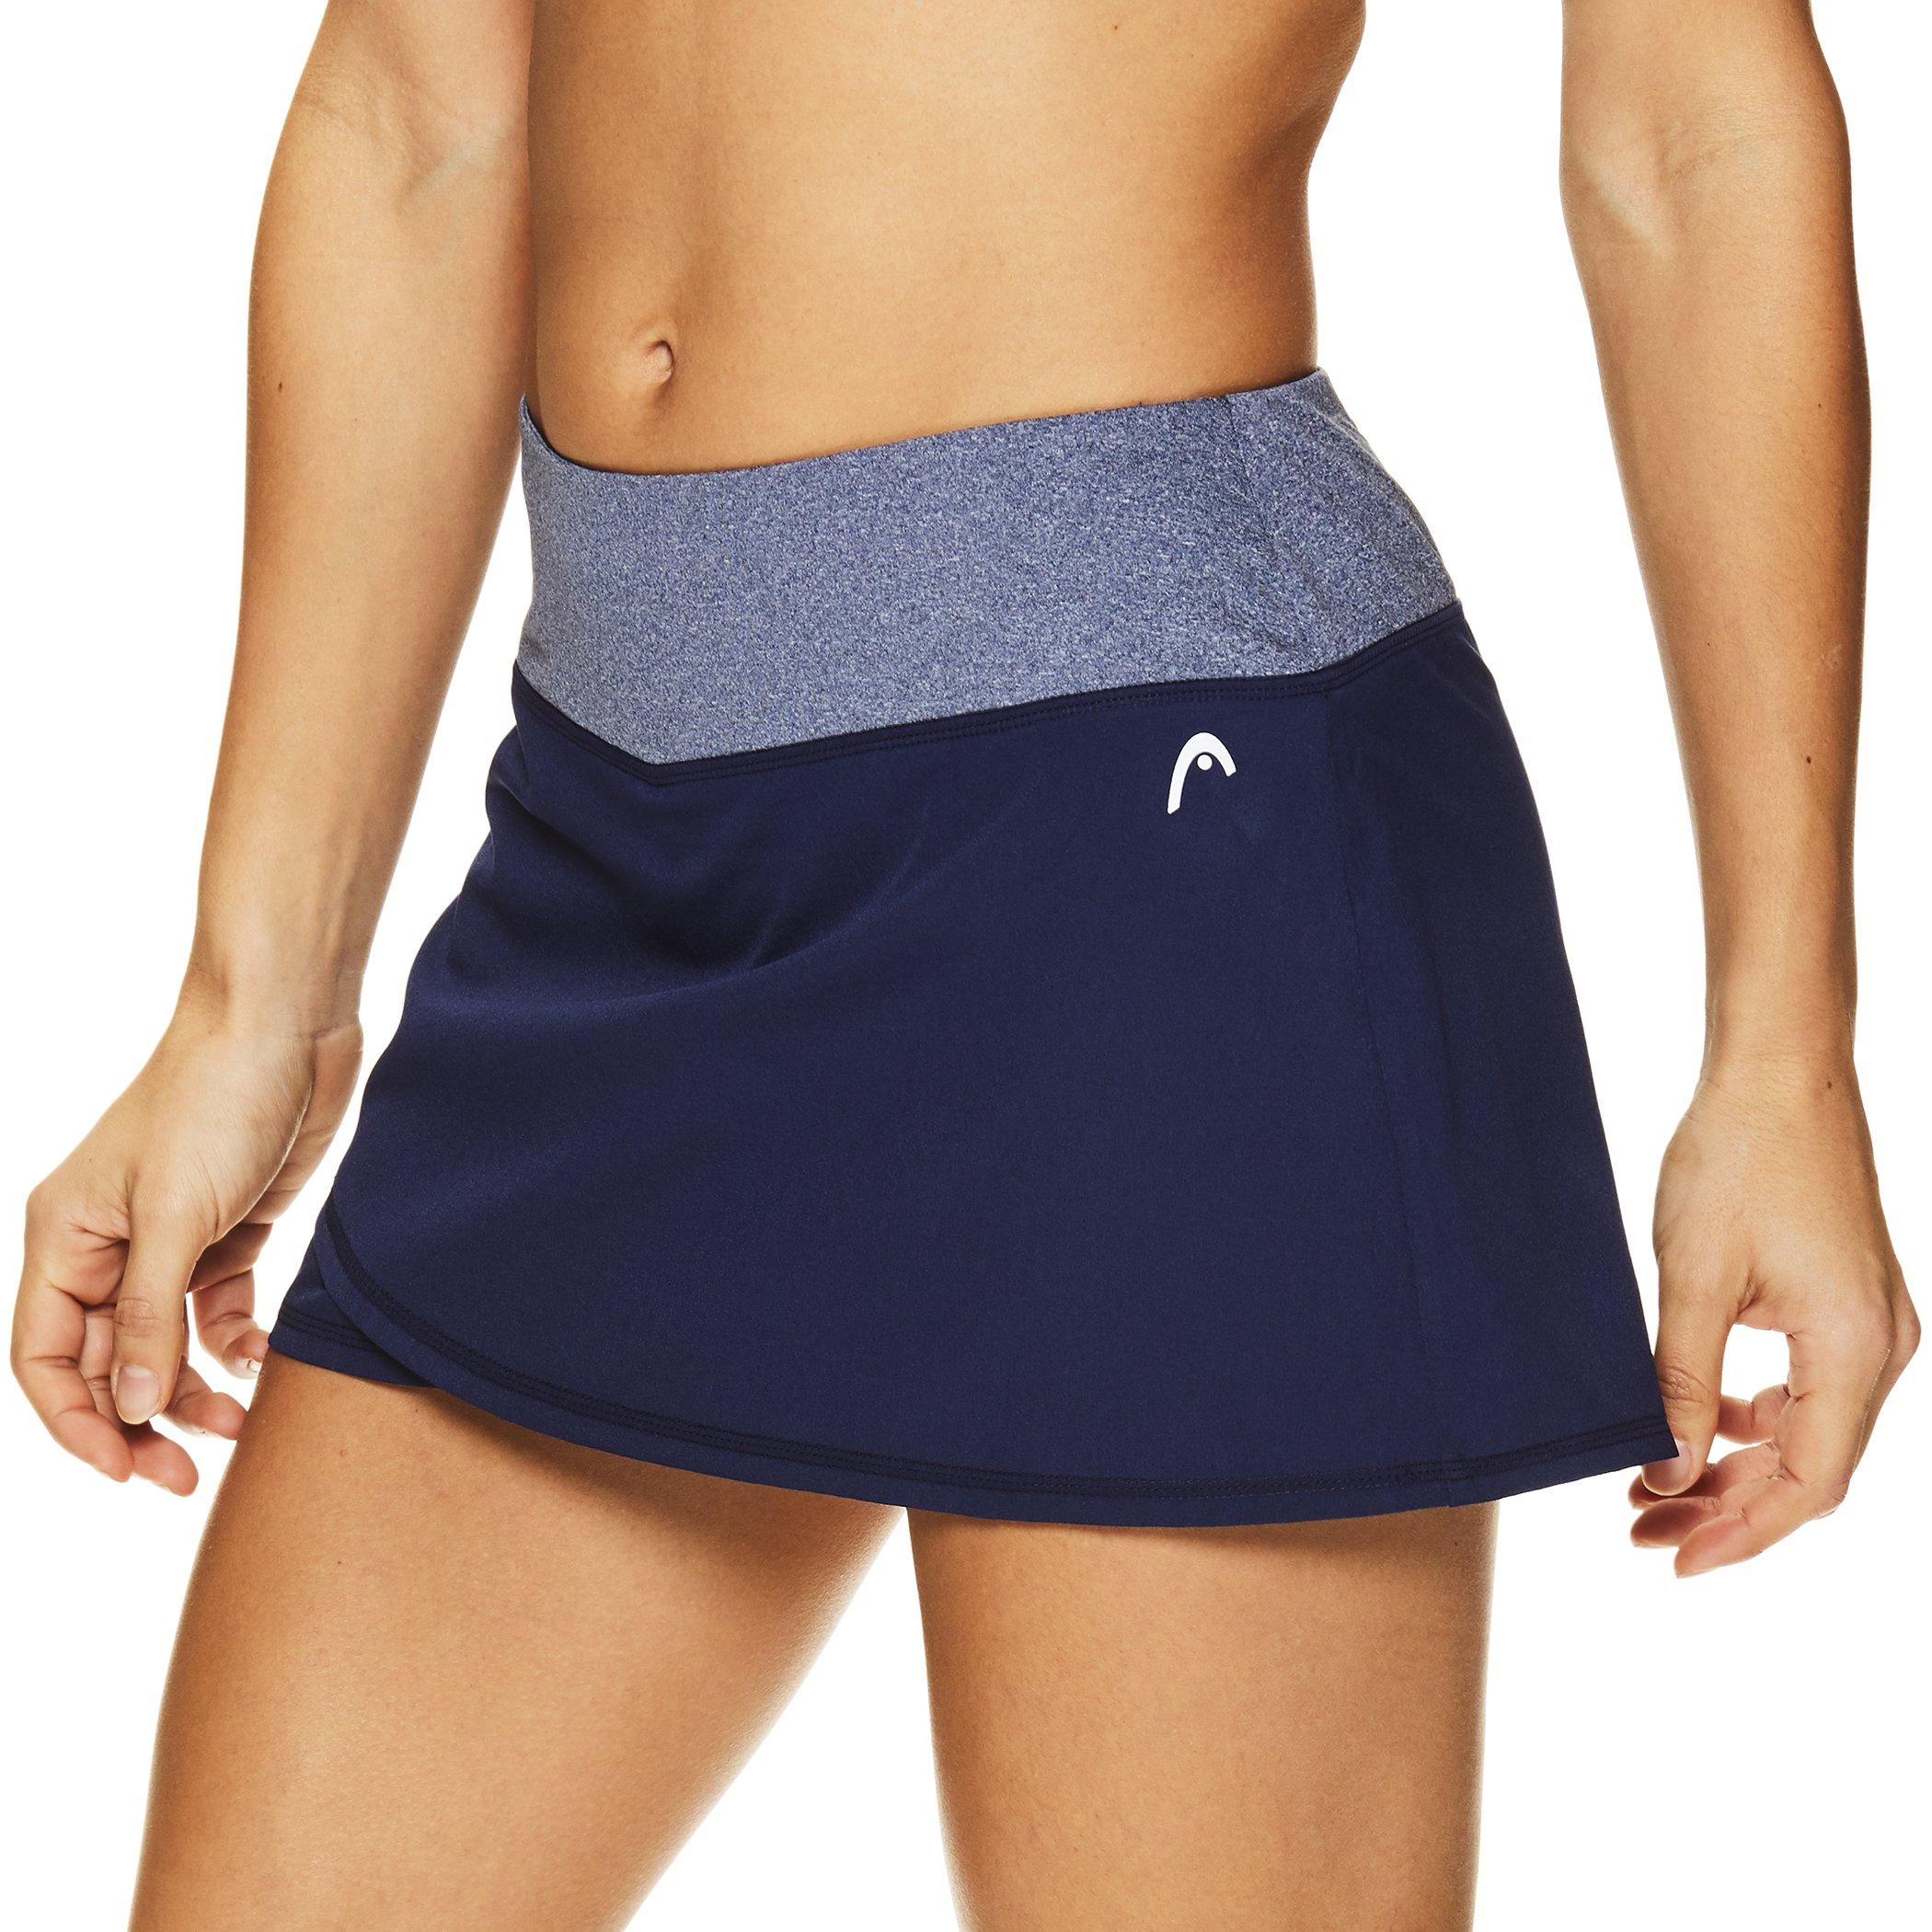 HEAD Women's Athletic Tennis Skort - Performance Training & Running Skirt - Medieval Blue Rally, Medium